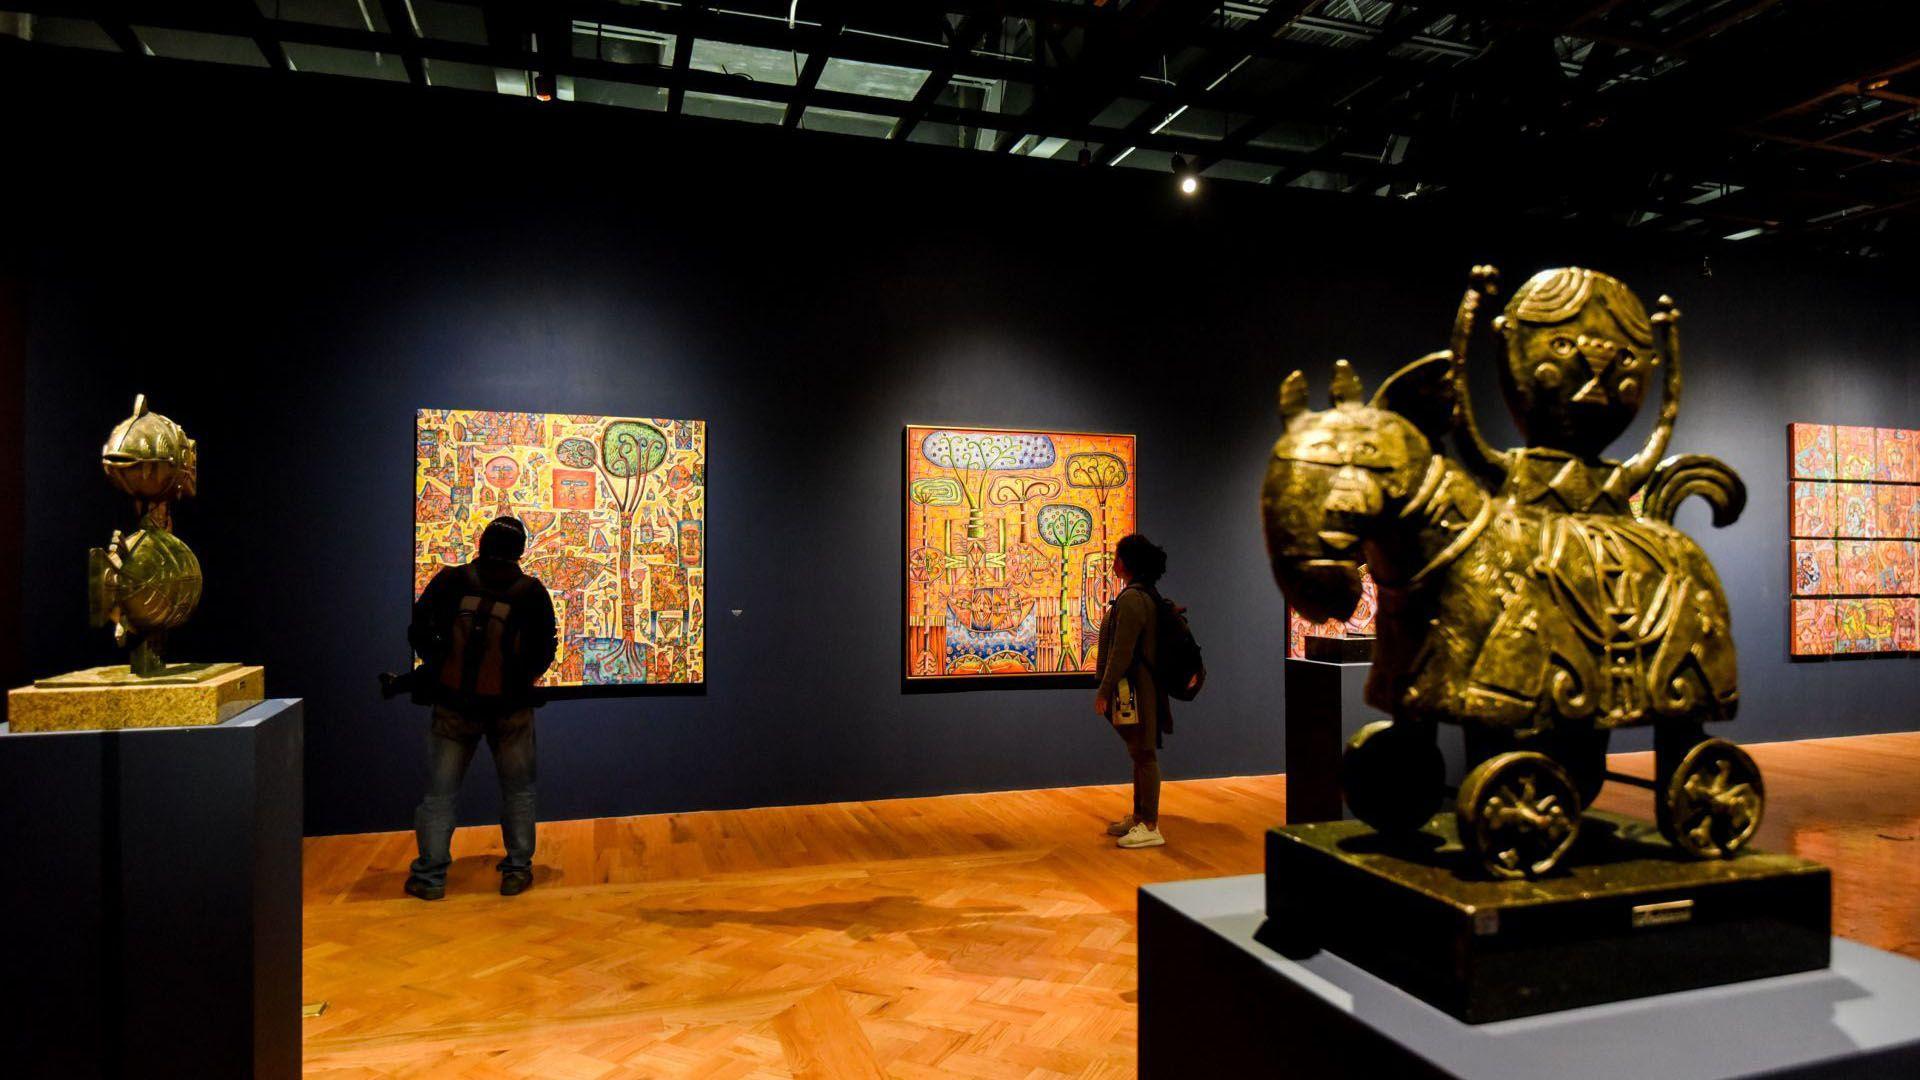 Se debe de mantener la sanadistacia dentro del museo entre los asistentes (Foto: Cuartoscuro)